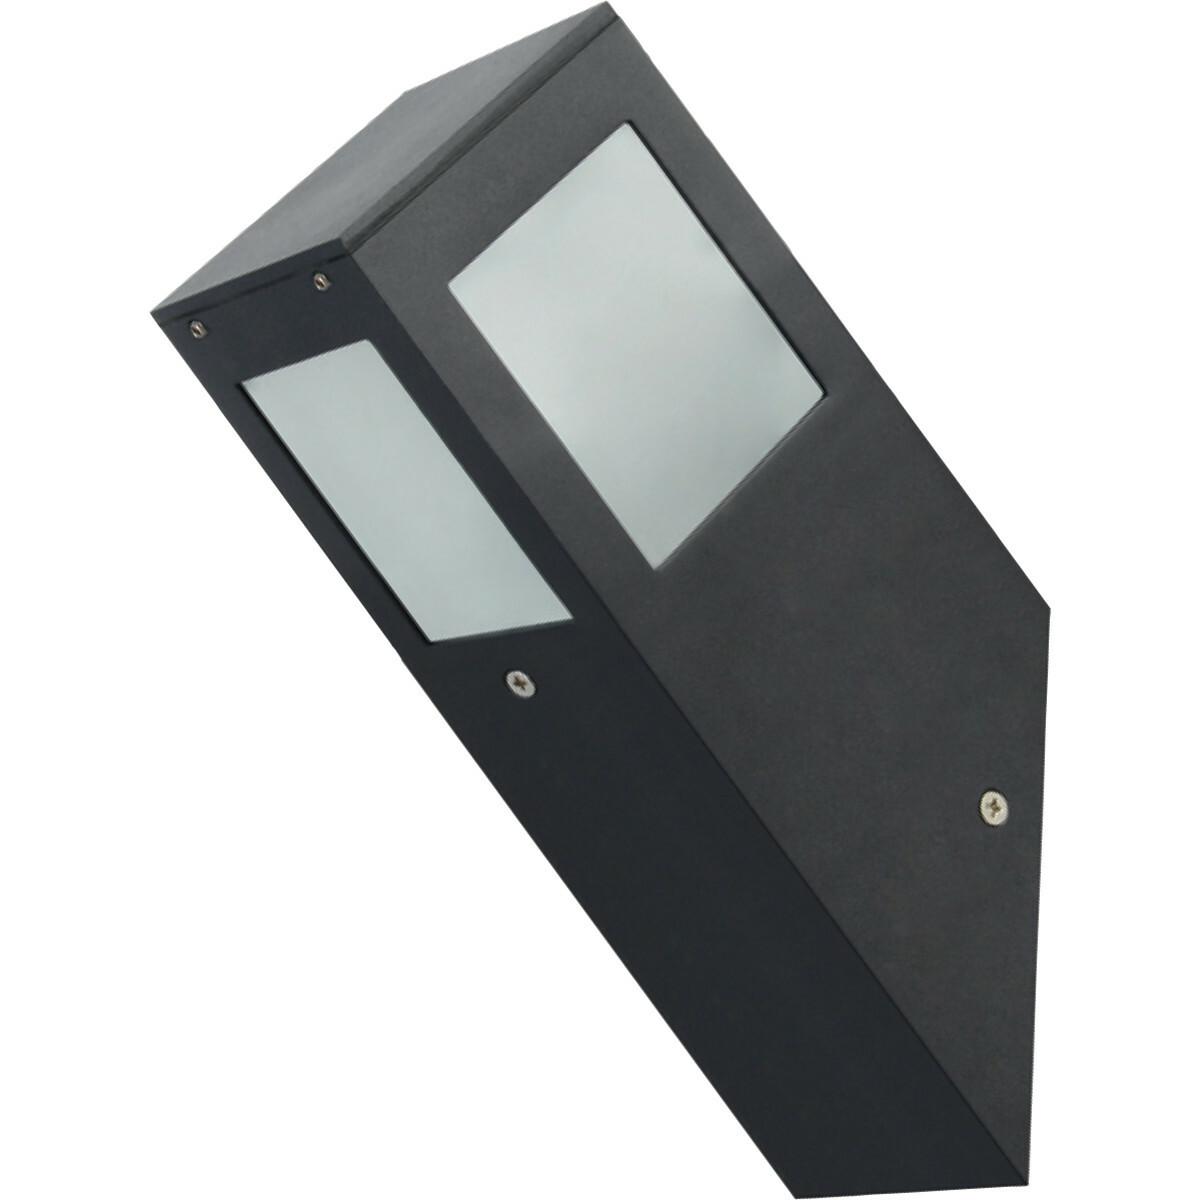 PHILIPS - LED Tuinverlichting - Wandlamp Buiten - CorePro LEDbulb 827 A60 - Kavy 1 - E27 Fitting - 8